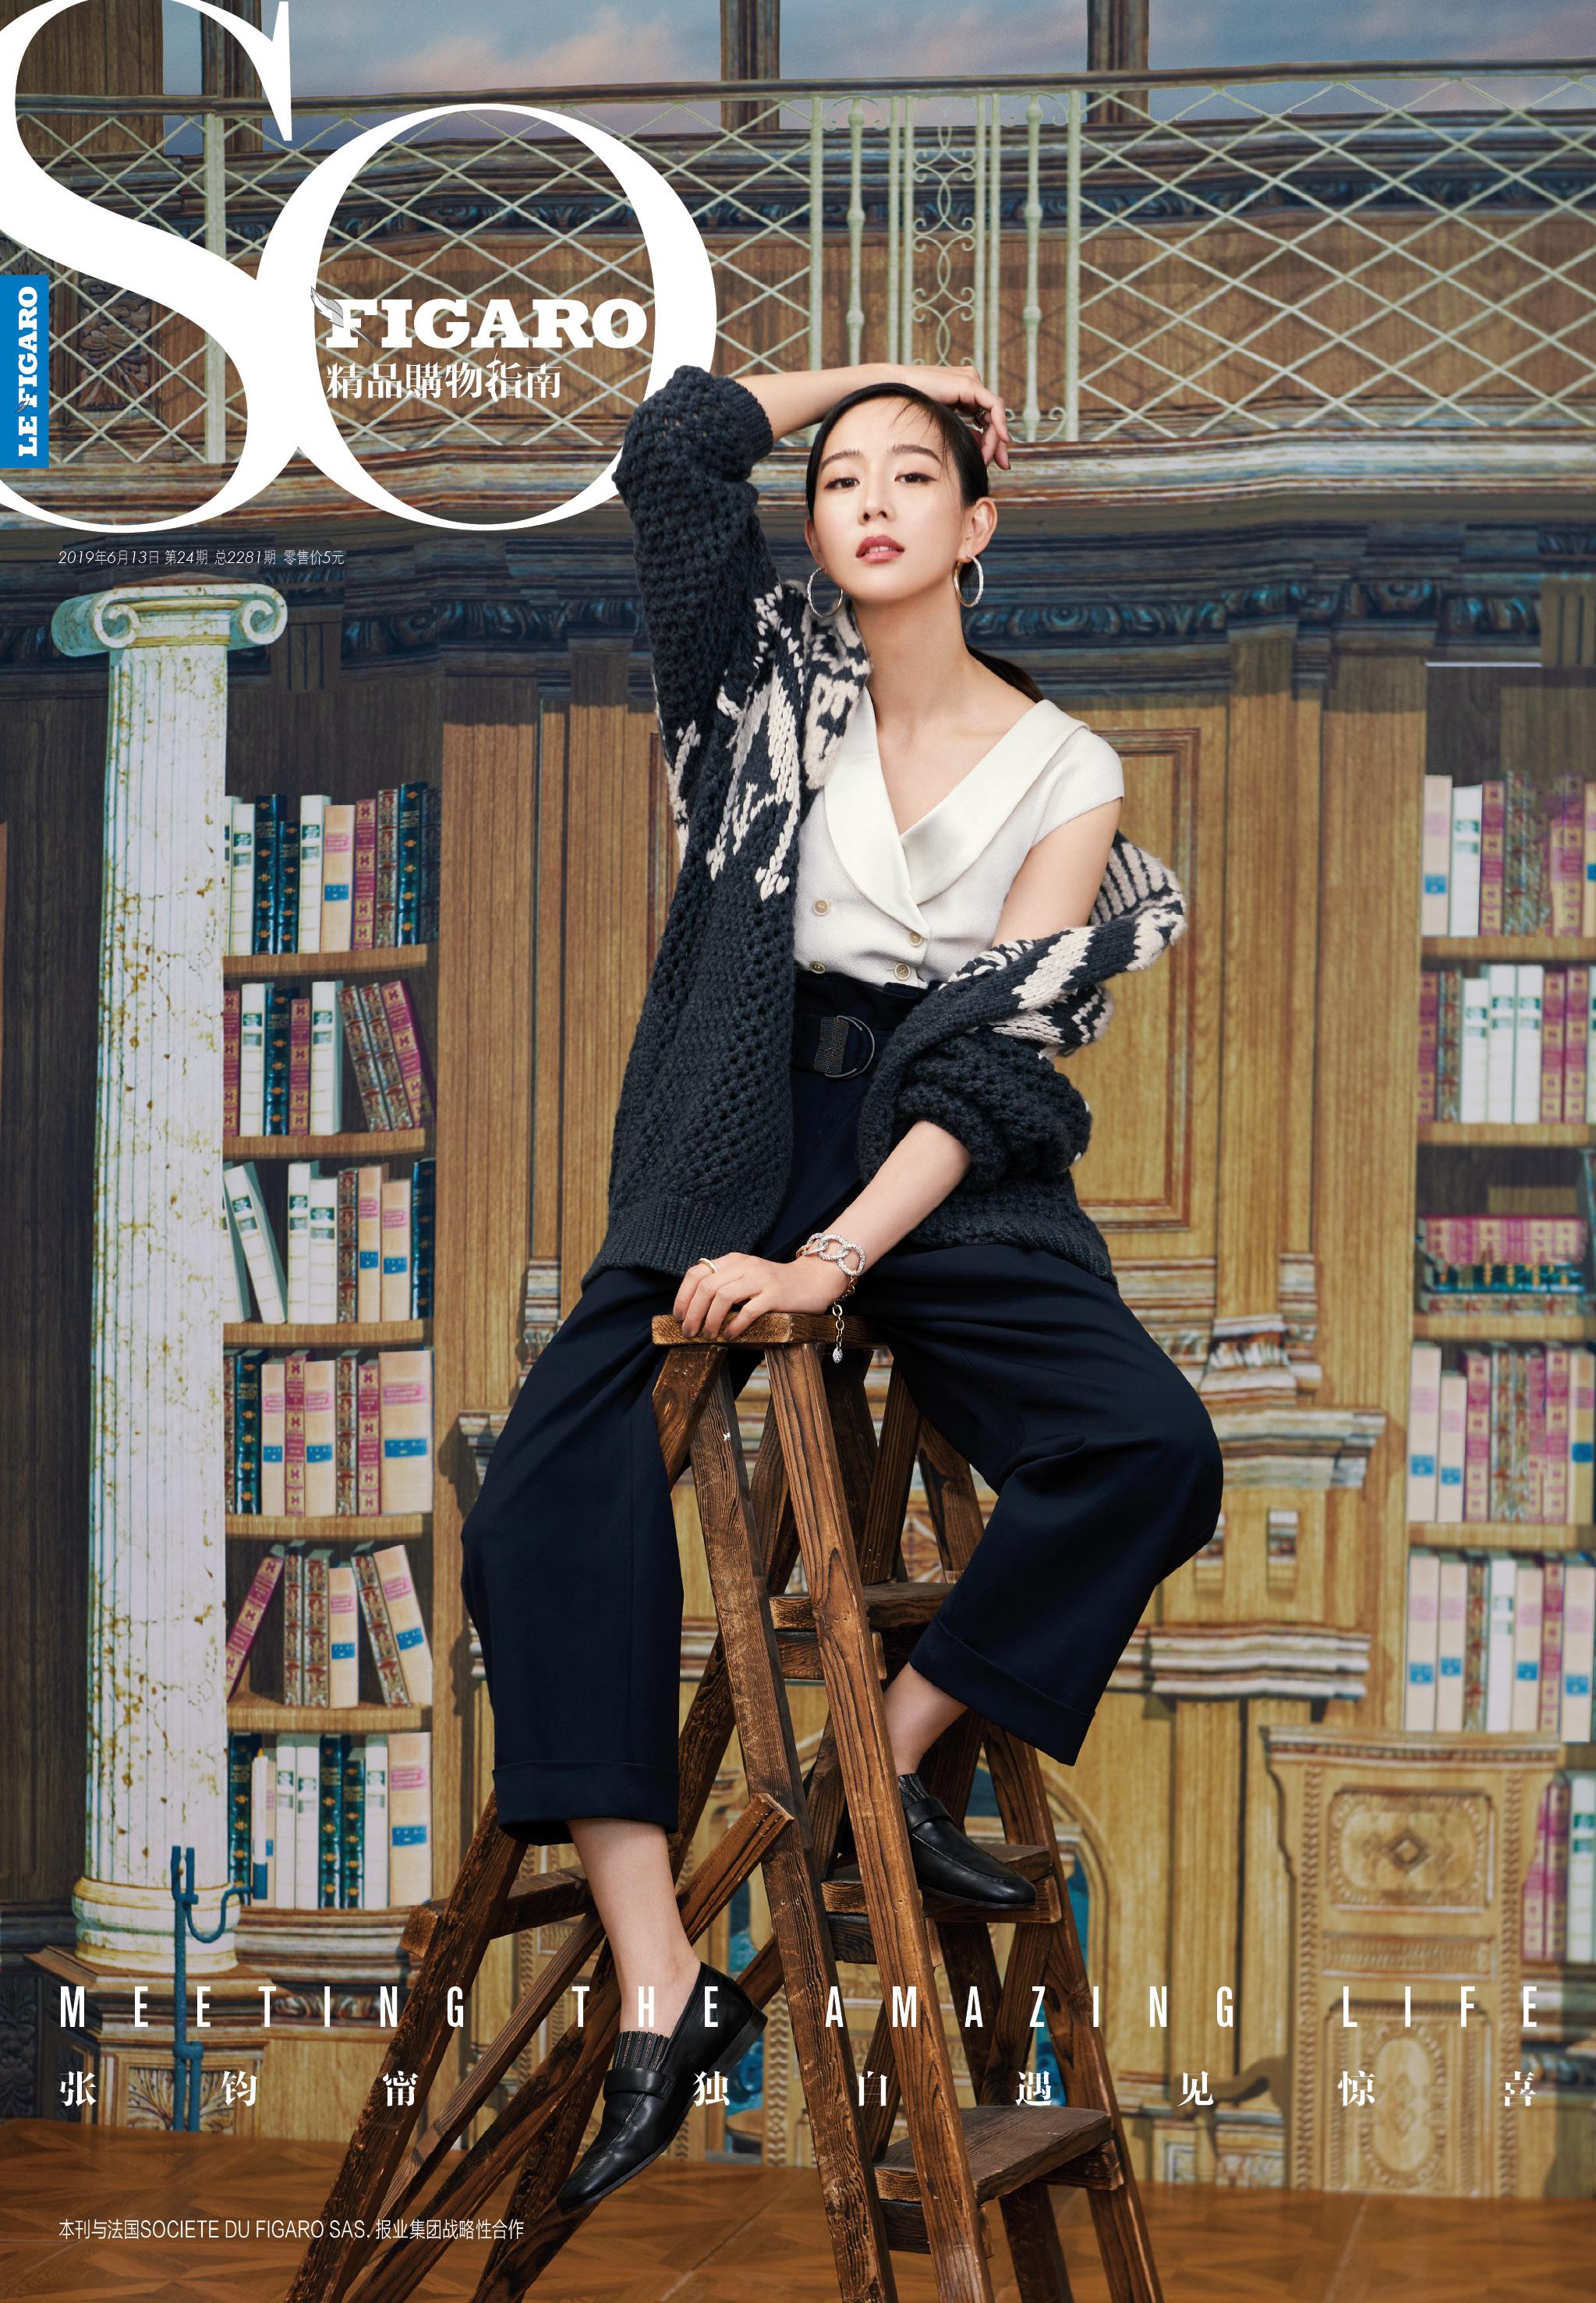 张钧甯再登时尚杂志封面 展现独特成熟魅力